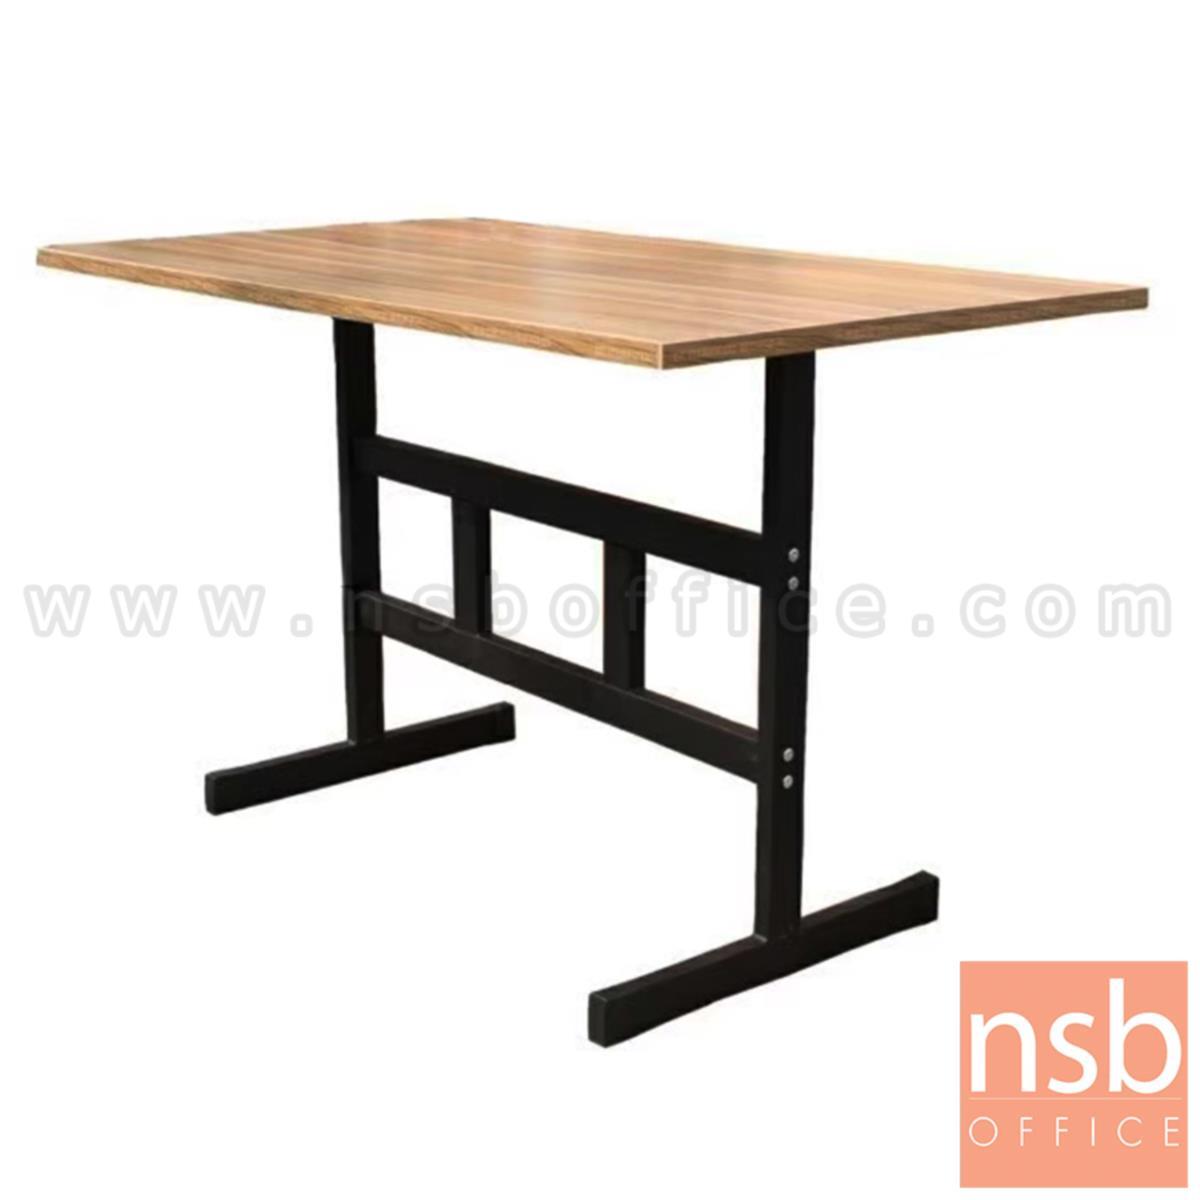 G14A231:โต๊ะรับประทานอาหาร รุ่น Refresh (รีเฟรช) ขนาด 120W cm. ขาเหล็กพ่นสีดำ